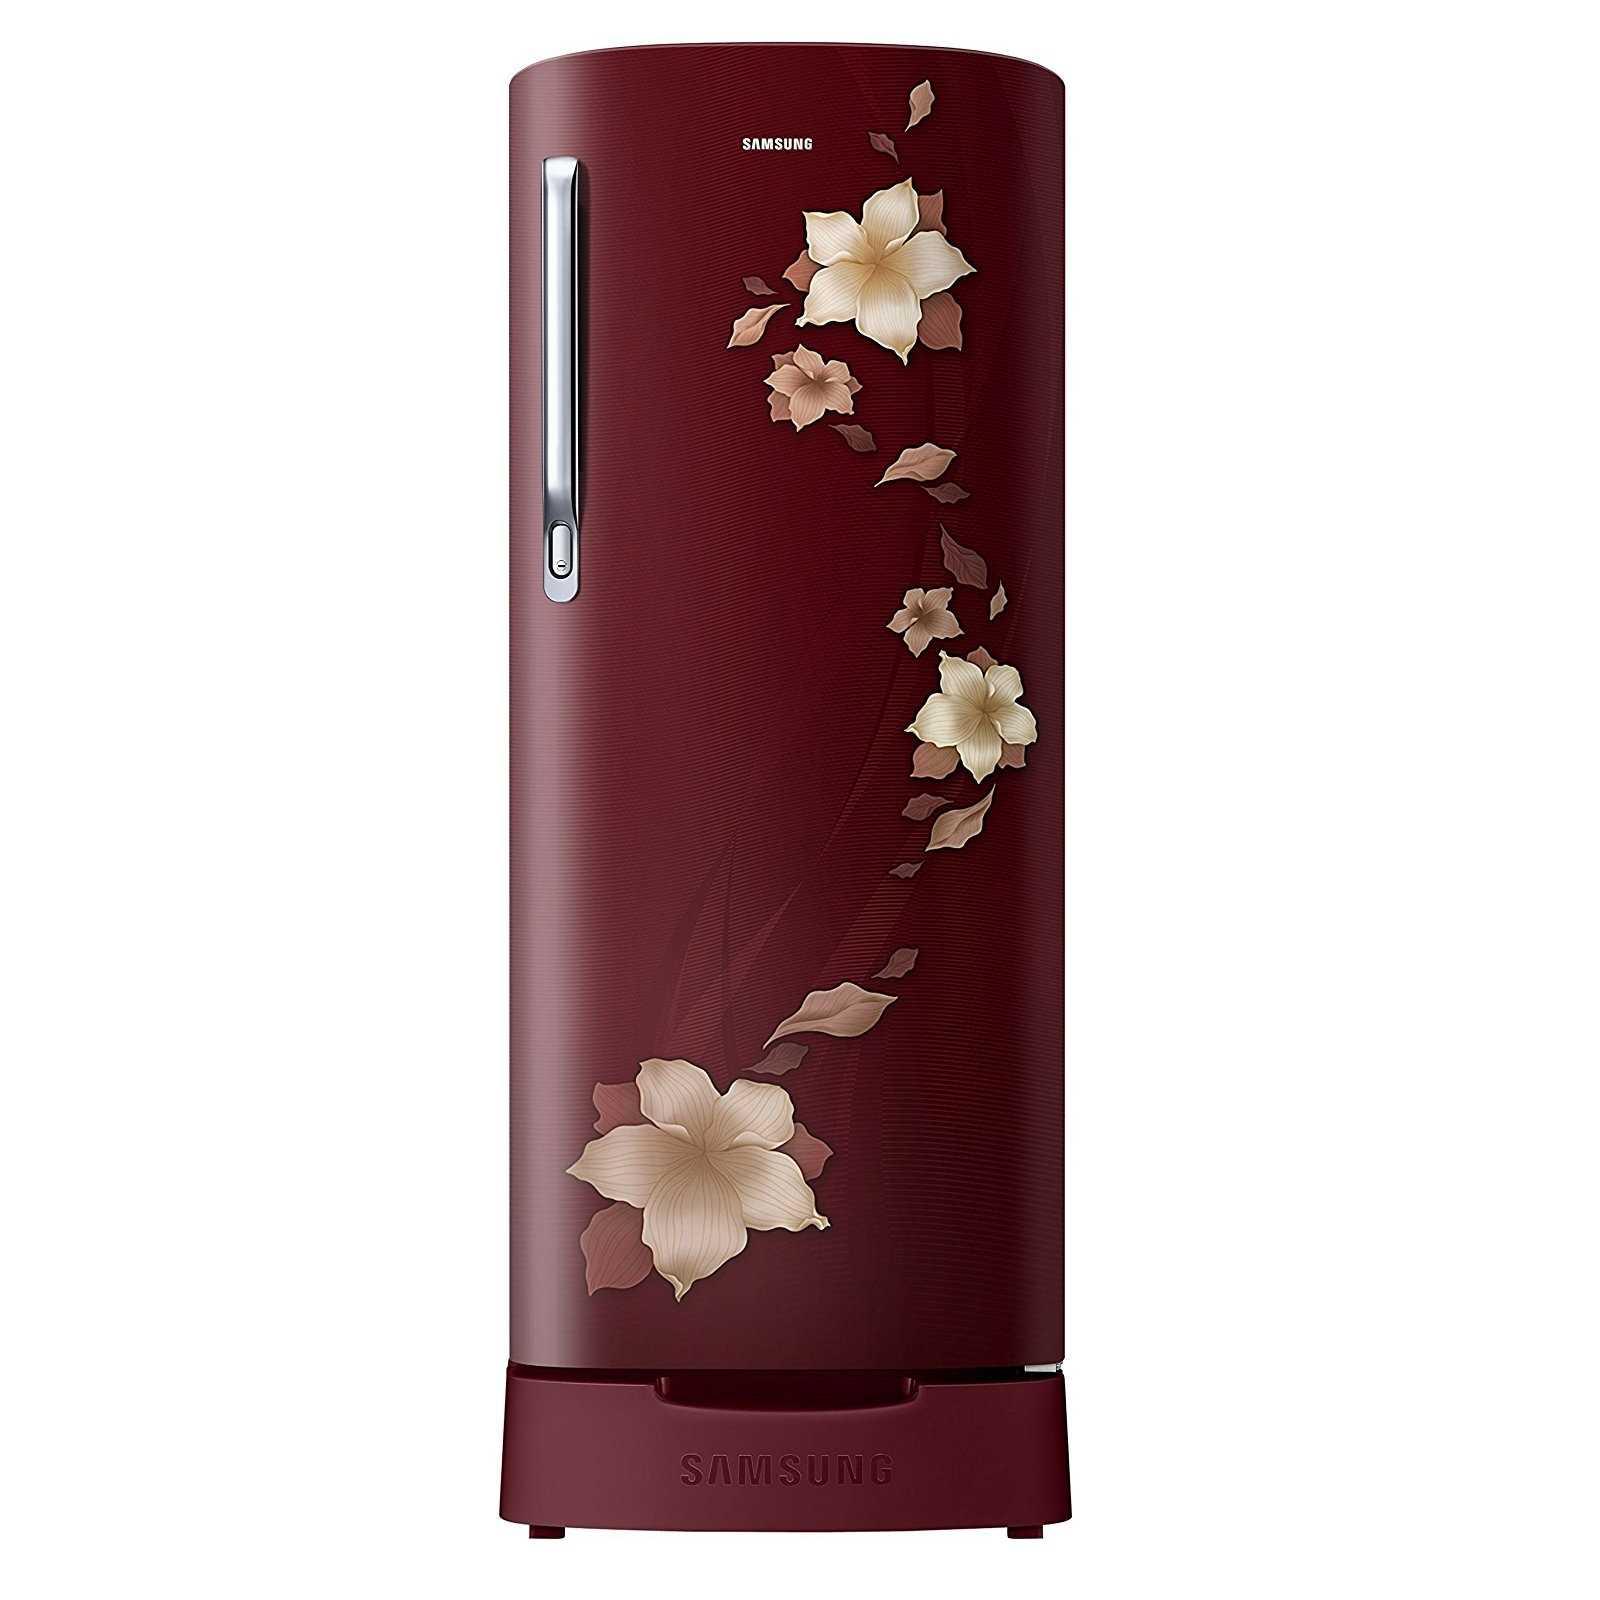 Samsung RR19N1822R2 HL 192 Litres Single Door Direct Cool Refrigerator